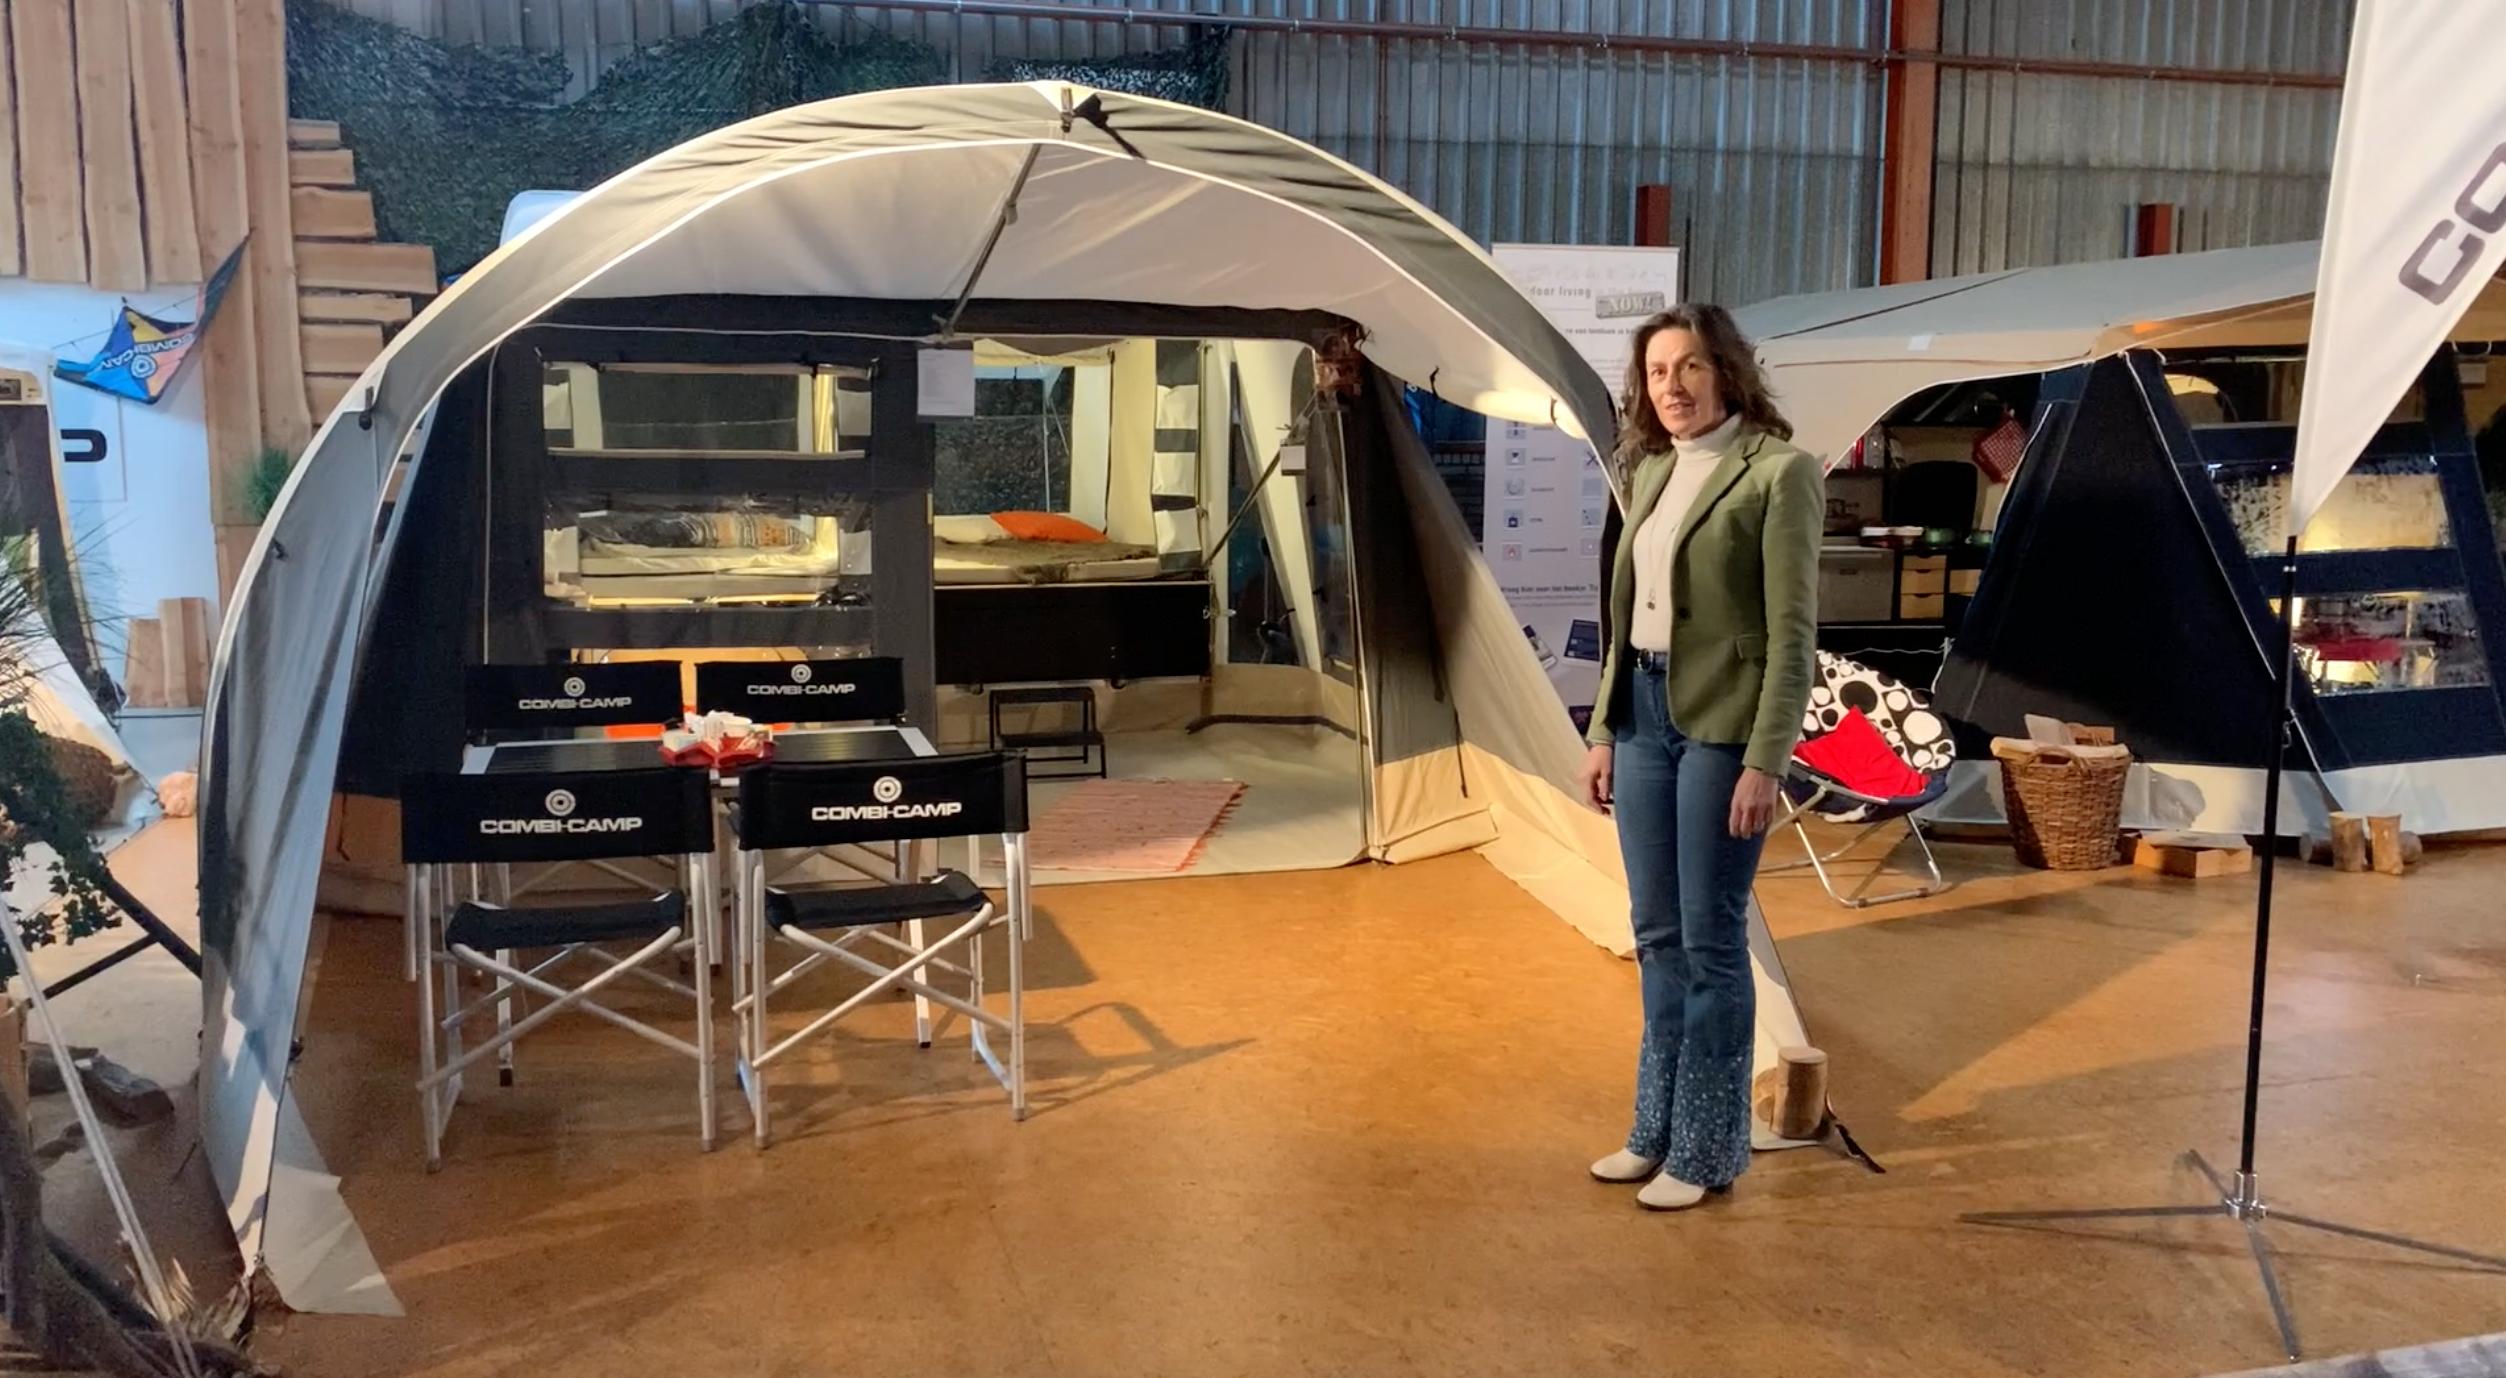 Combi-Camp FLEXI Comfort vouwwagen